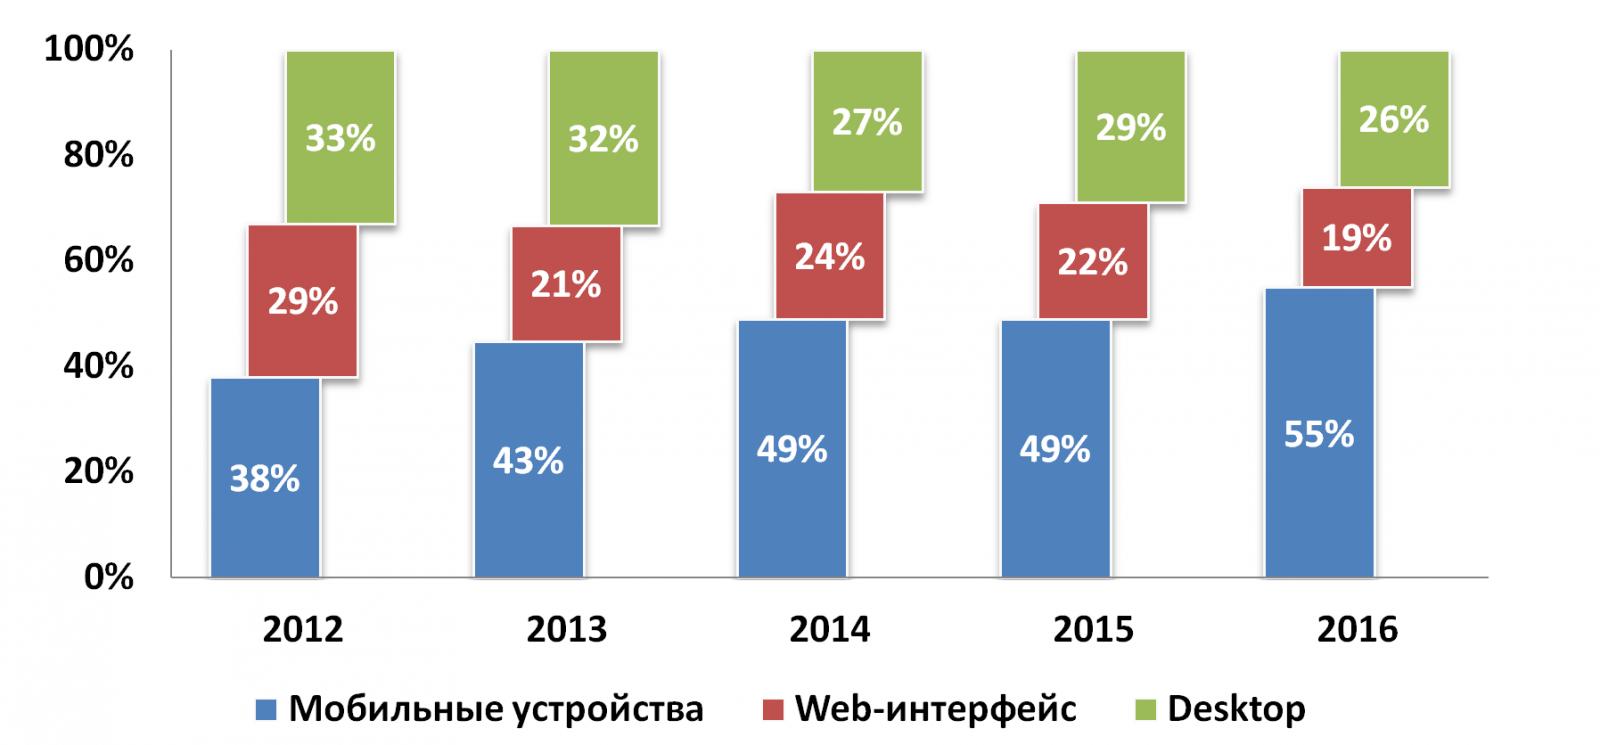 9 вечных трендов в дизайне email-маркетинга: статистика по устройствам